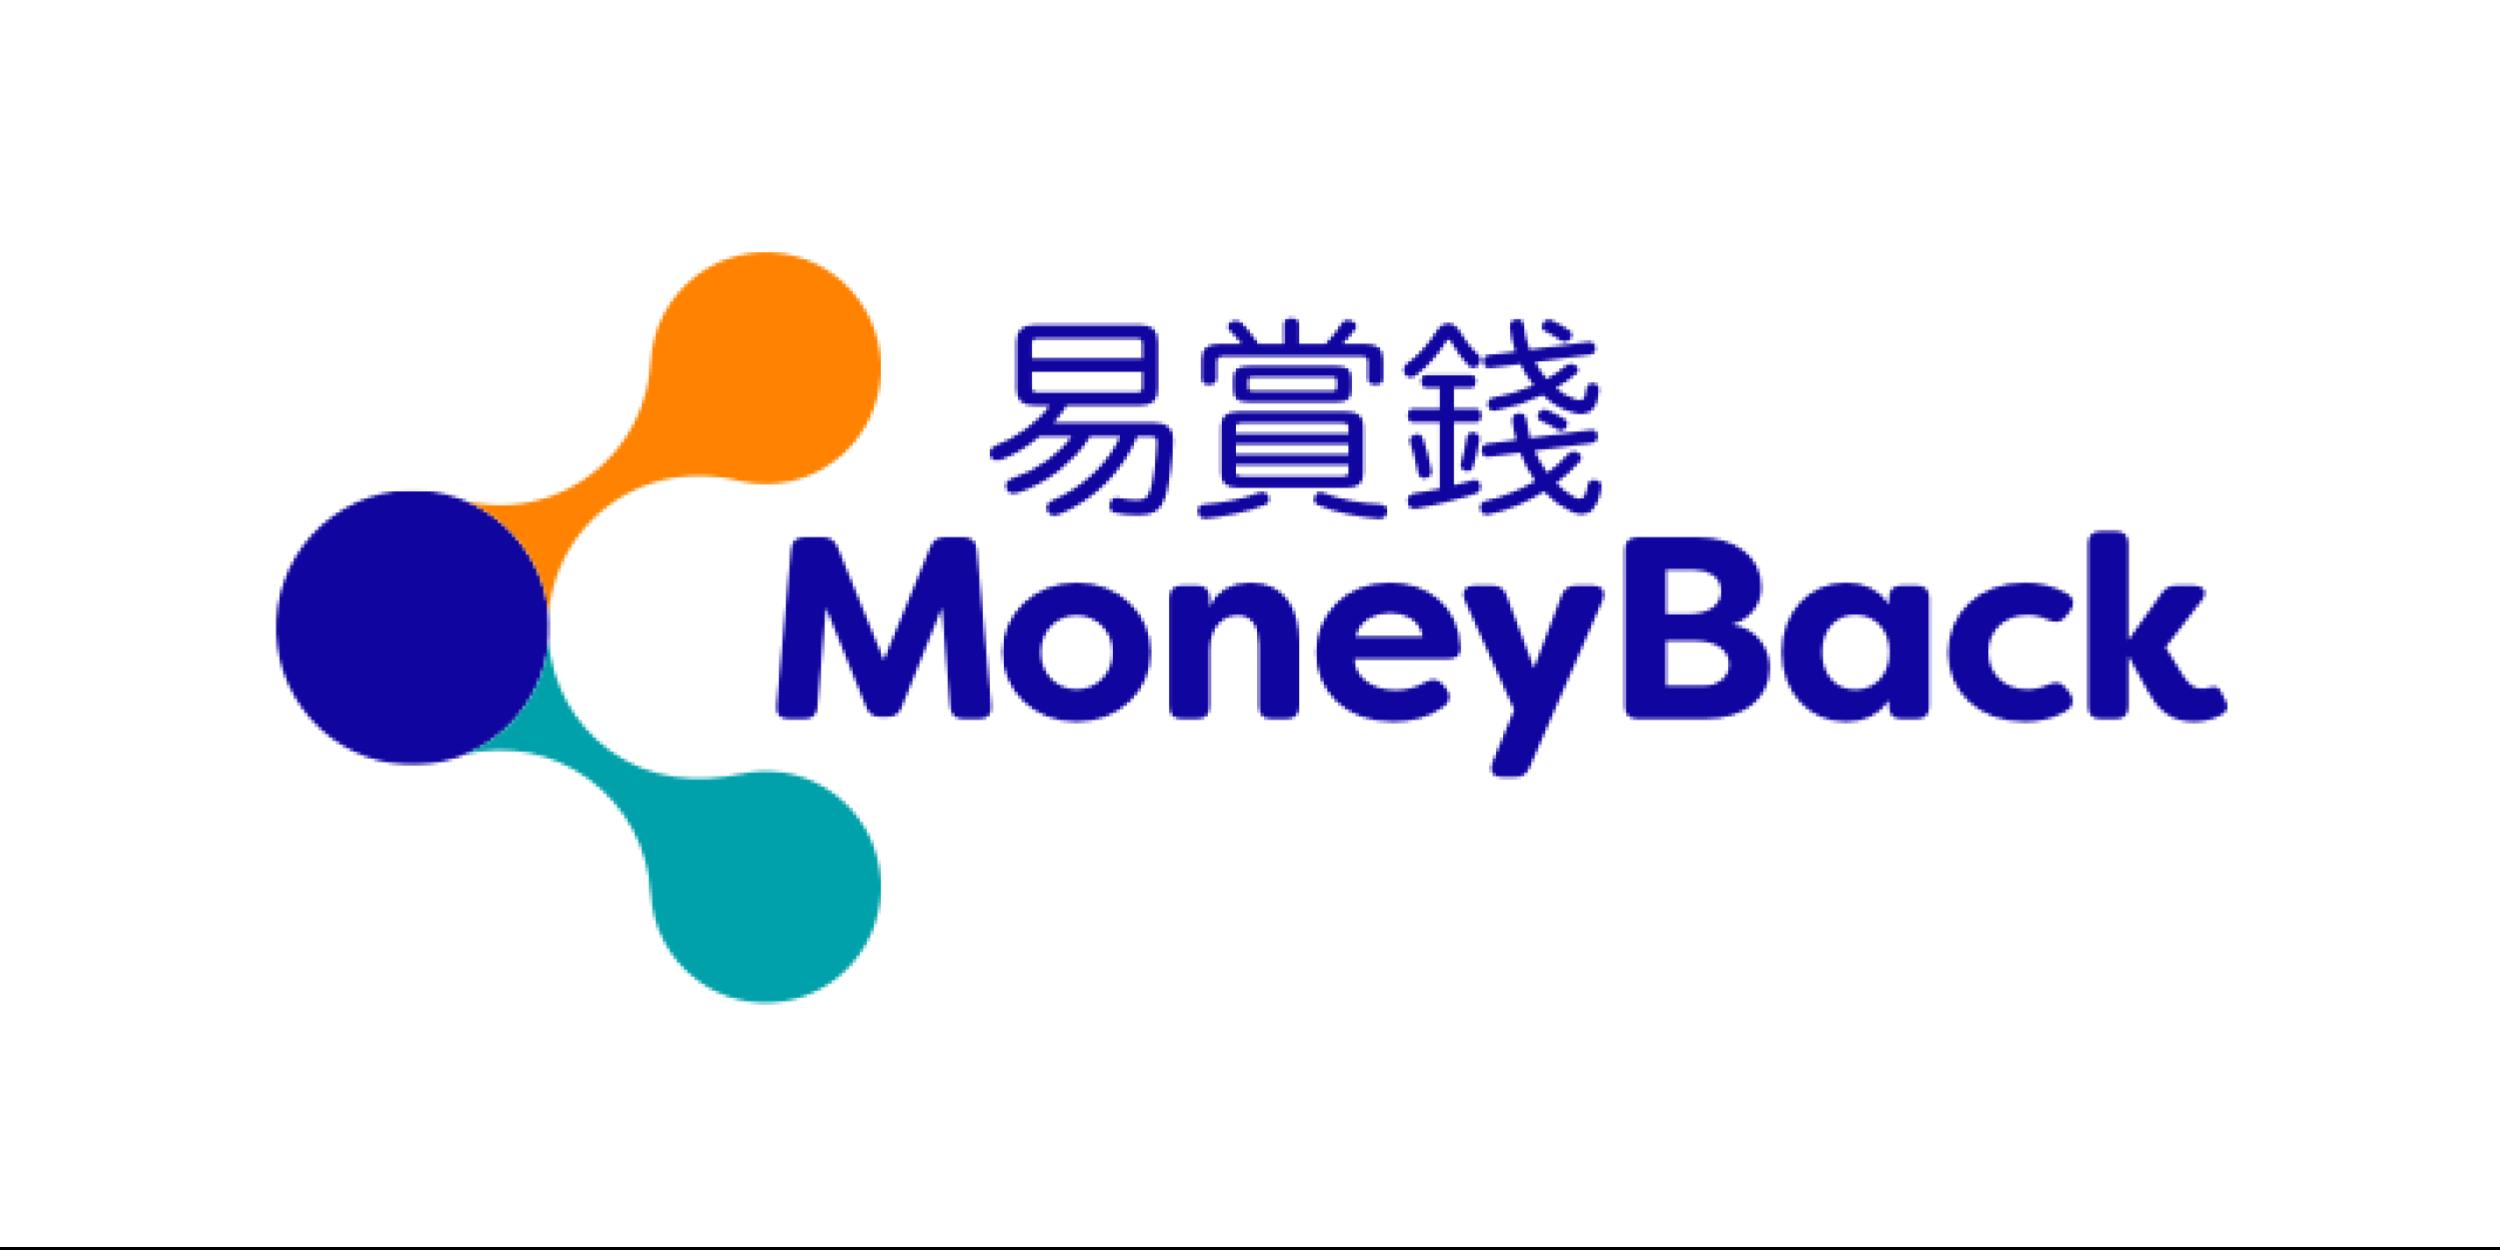 Moneyback hong kong